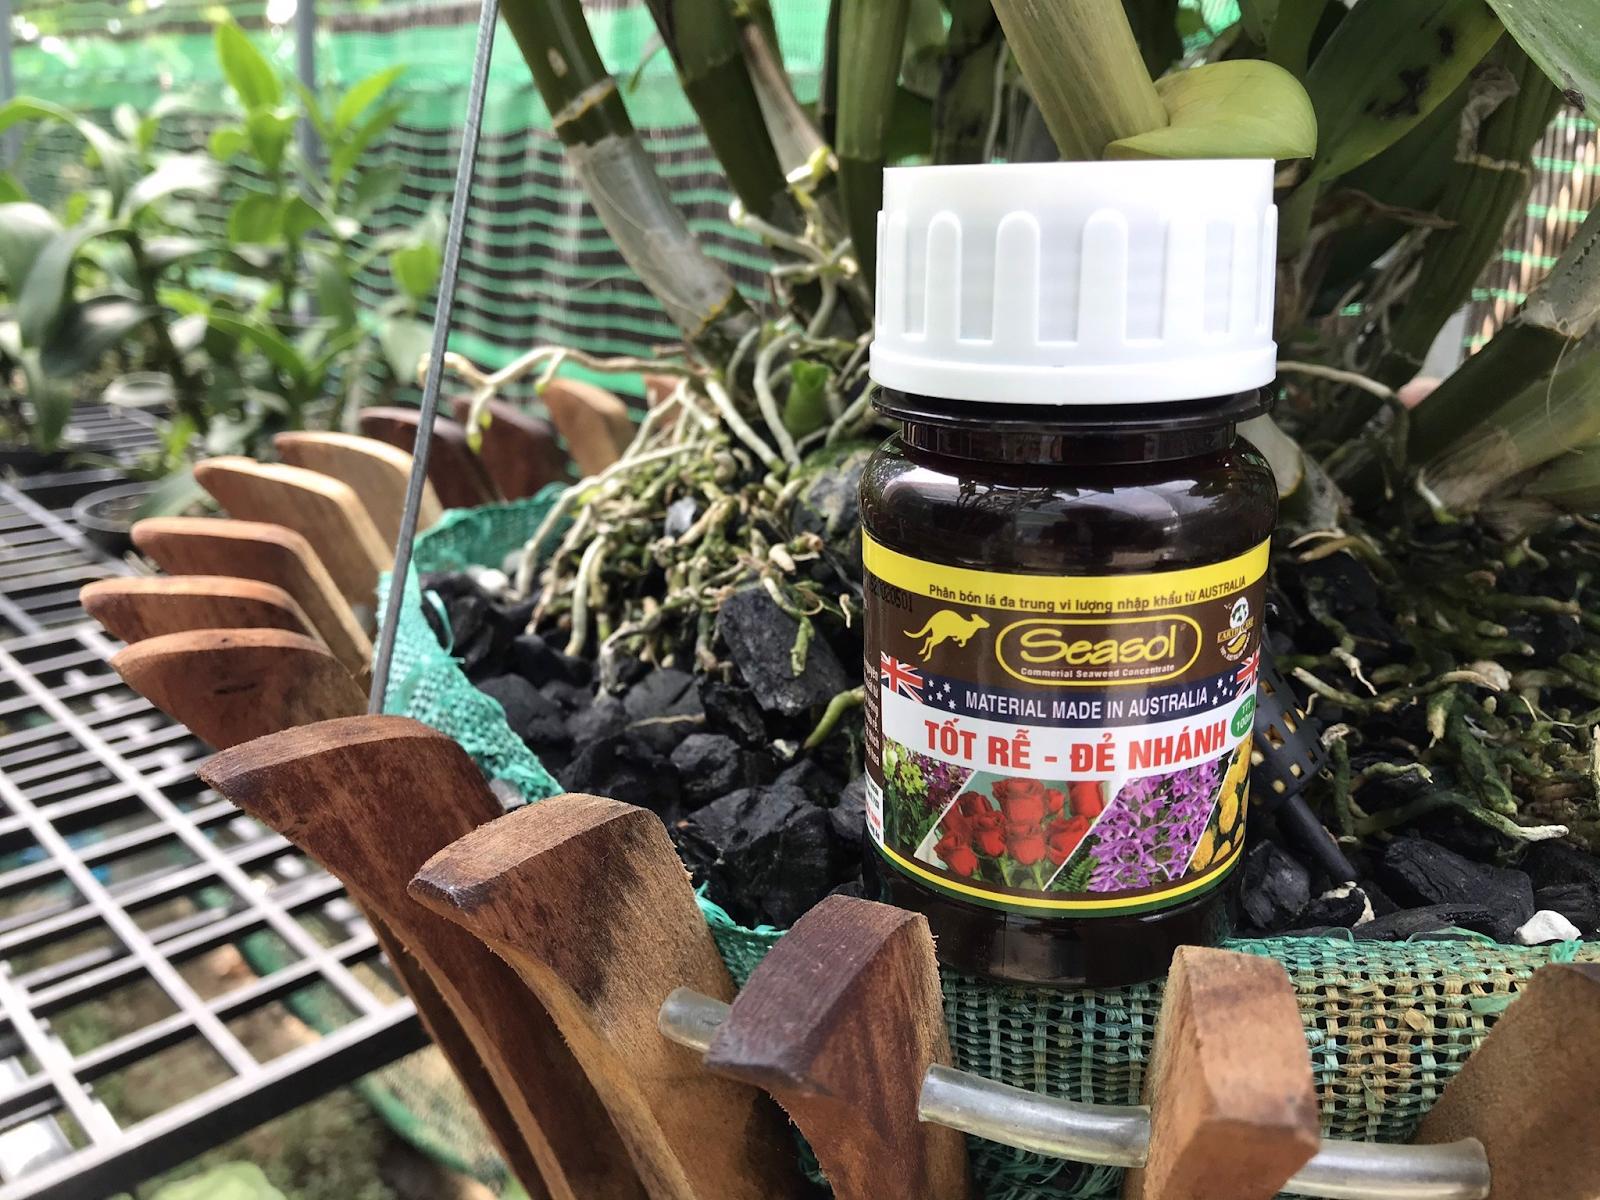 Seasol - phân bón lá không thể thiếu cho cây trồng